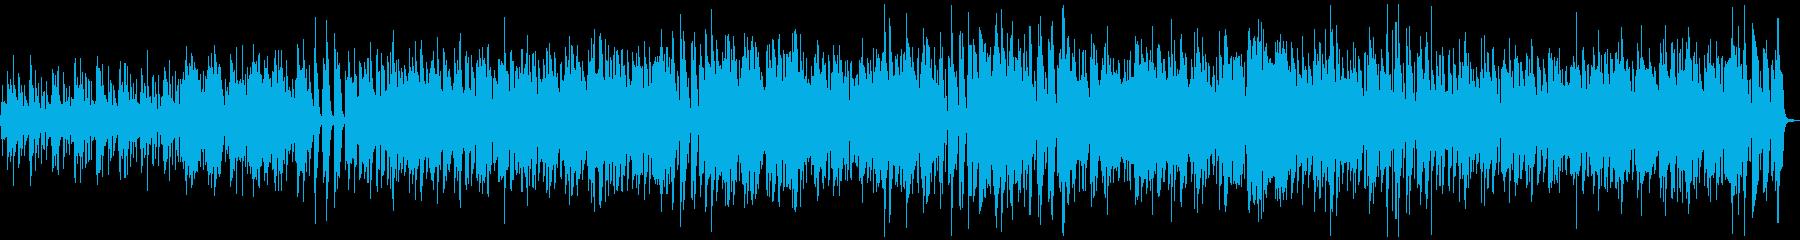 ほのぼの南国の浜辺のジャズ_エギゾチカの再生済みの波形